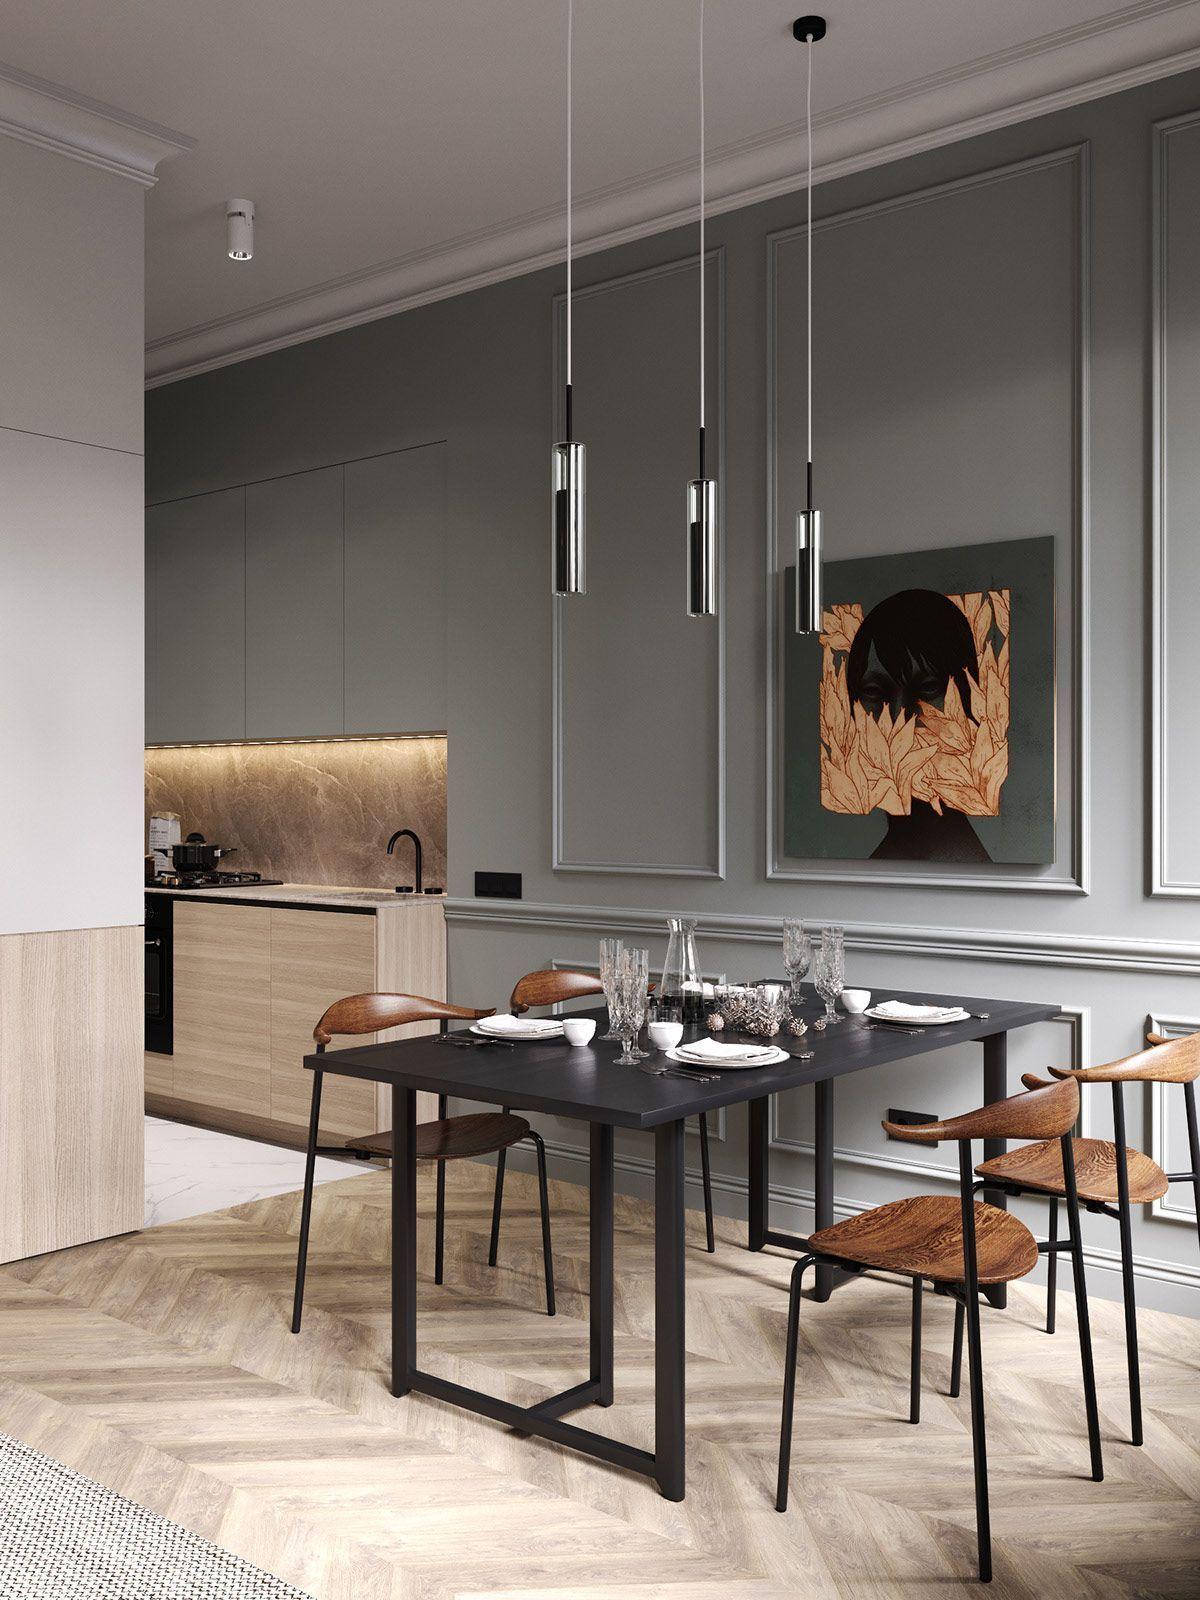 Besta Salle A Manger see the best interior design inspirations! #interieurdesign